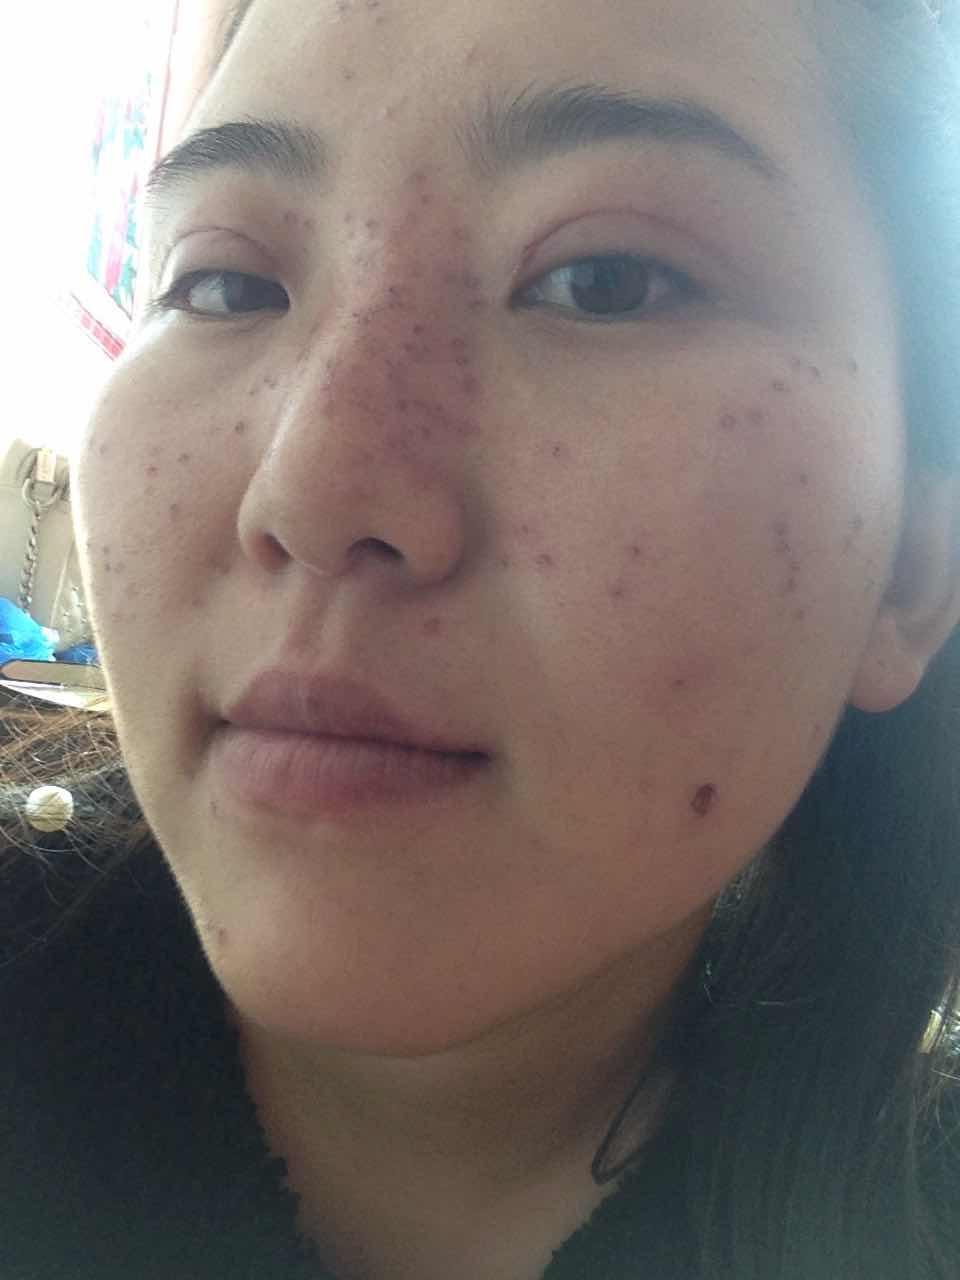 点痦子会留疤吗,刚做的 会不会留疤啊 皮肤都破了